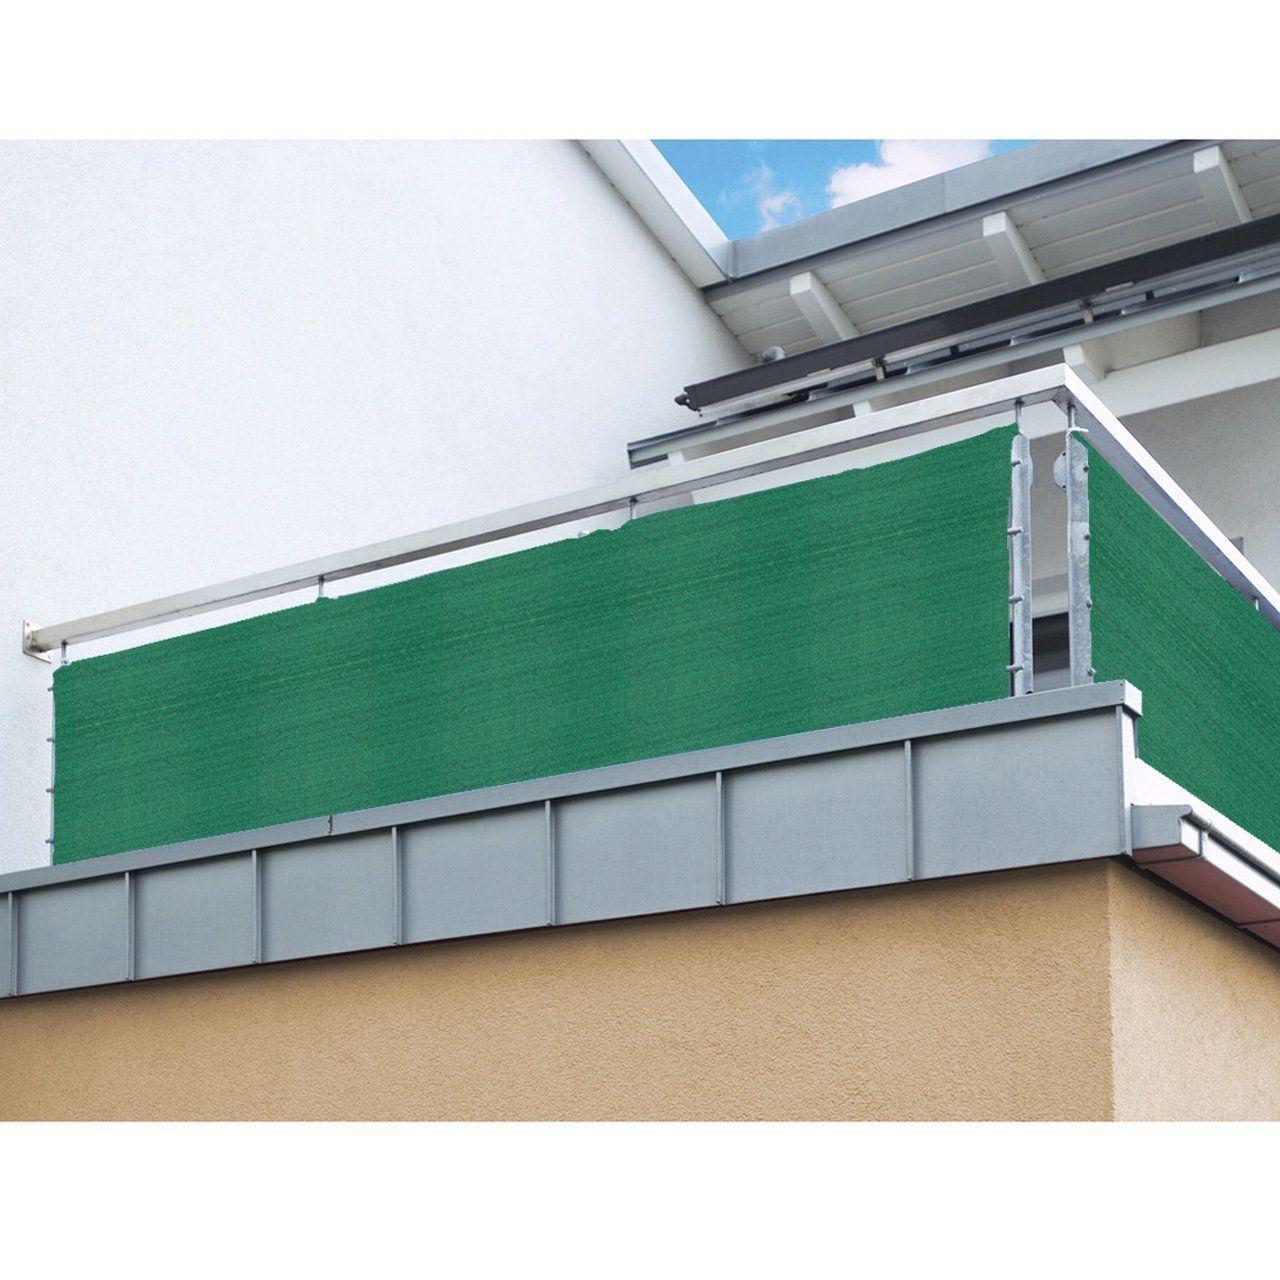 Top proheim Balkon Sichtschutz 0,8 m - METERWARE Grün HDPE Gewebe MO78